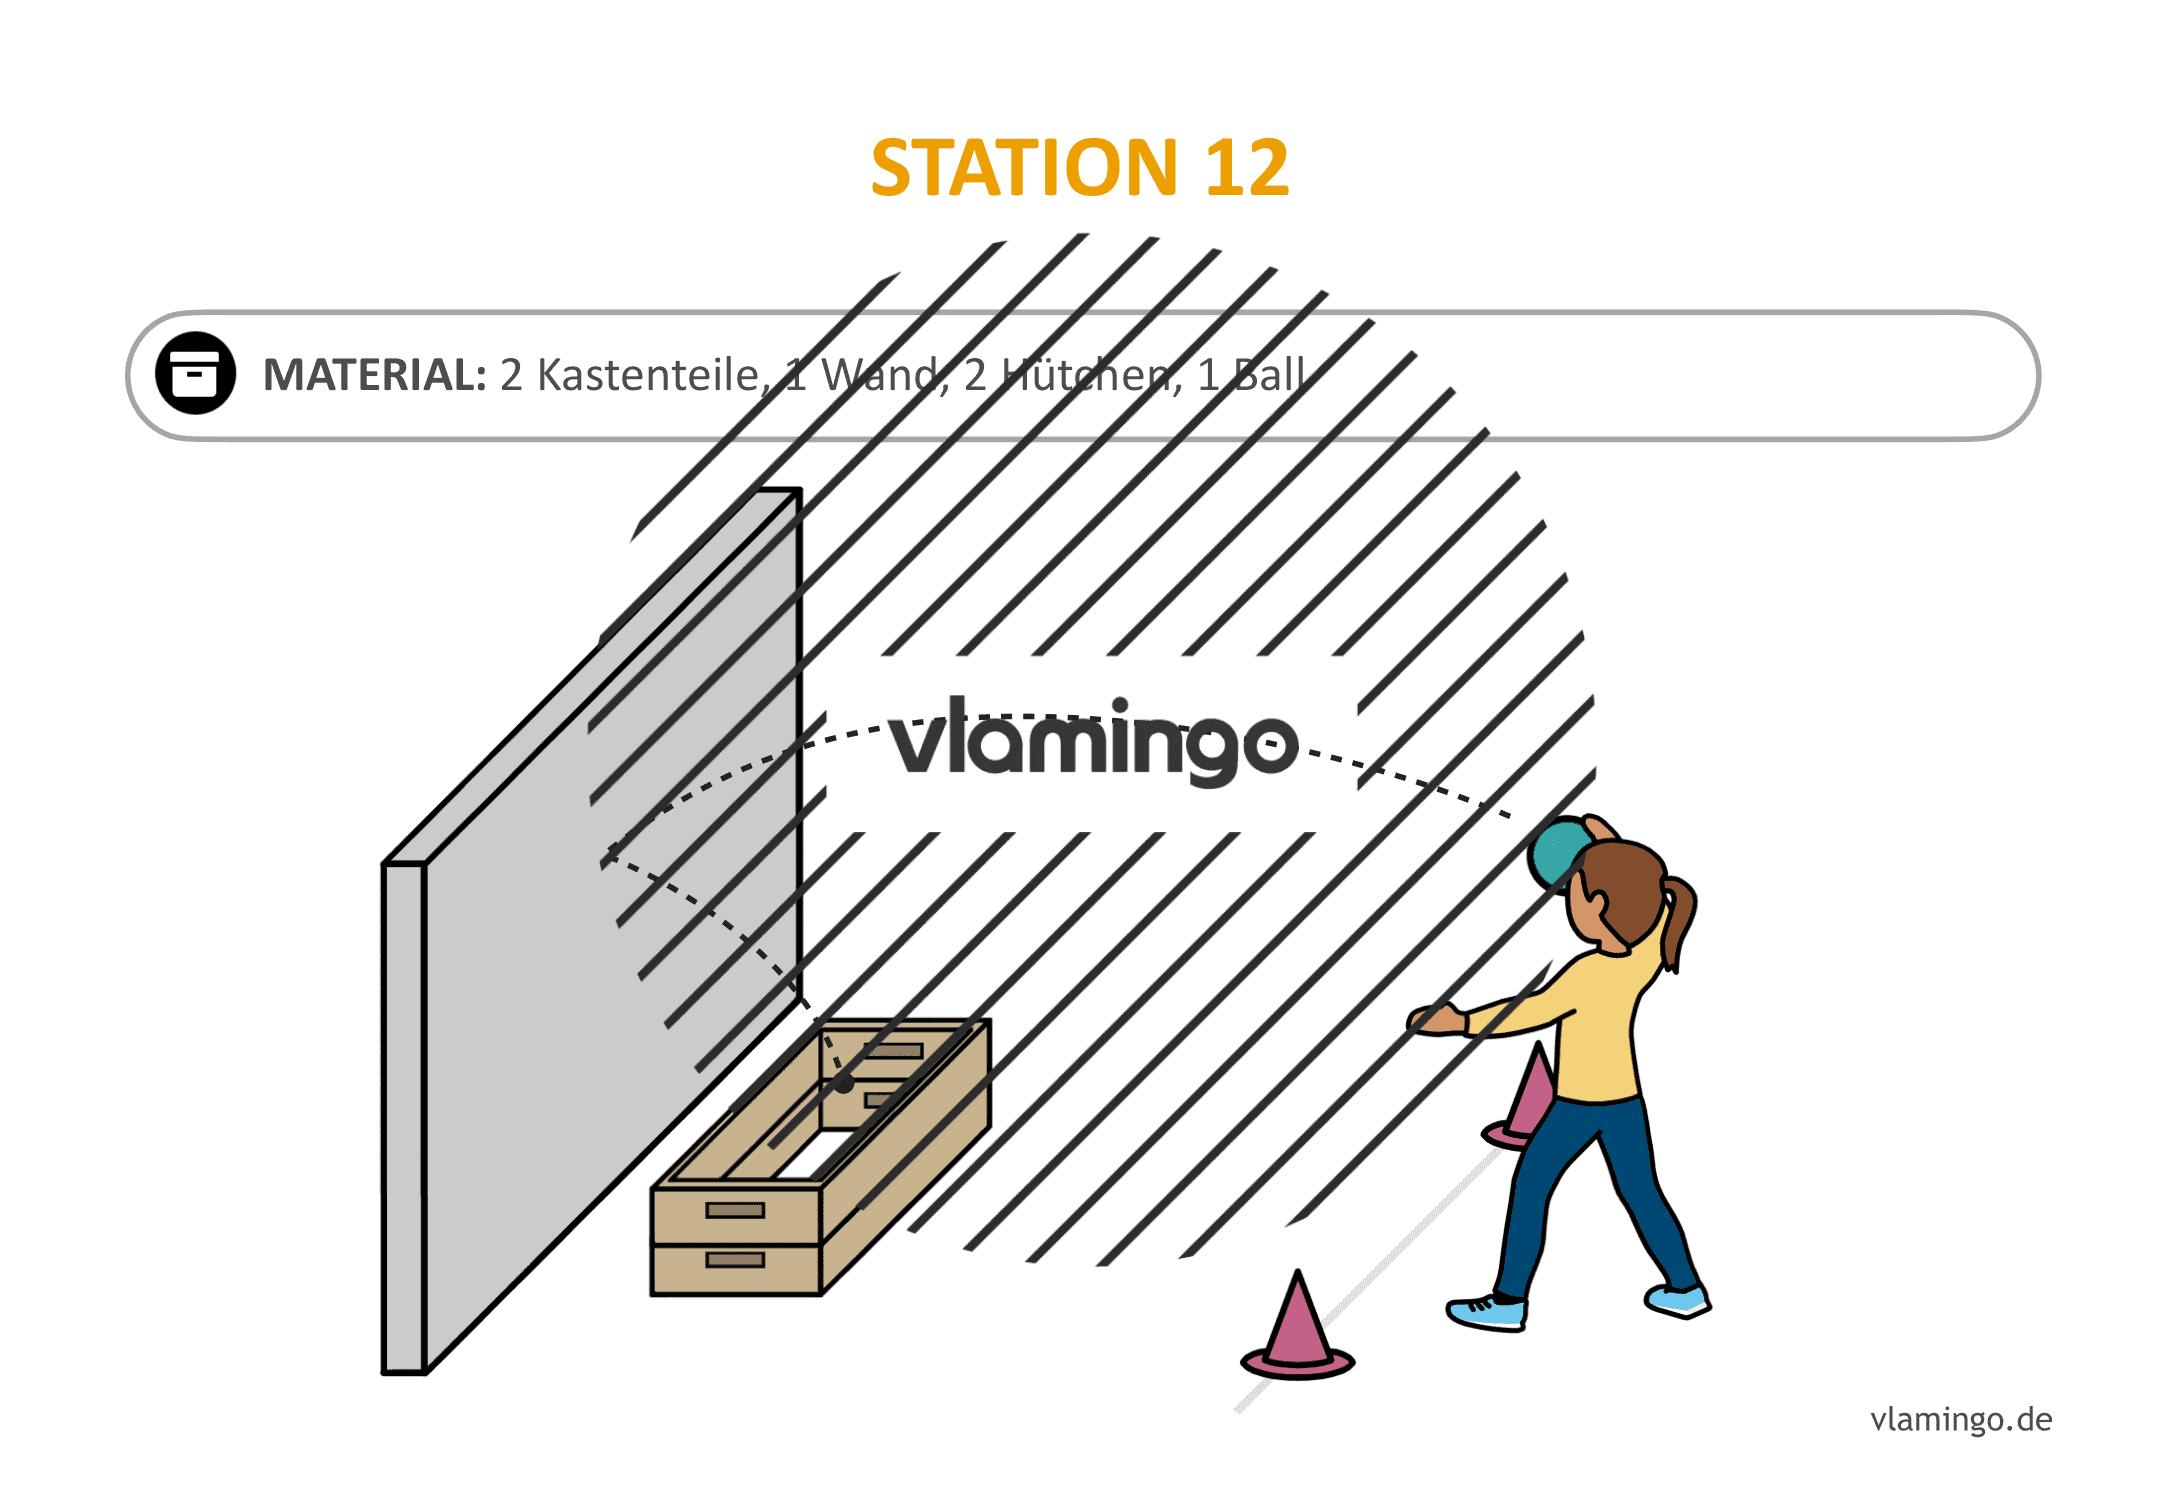 Handballgolf - Station-12